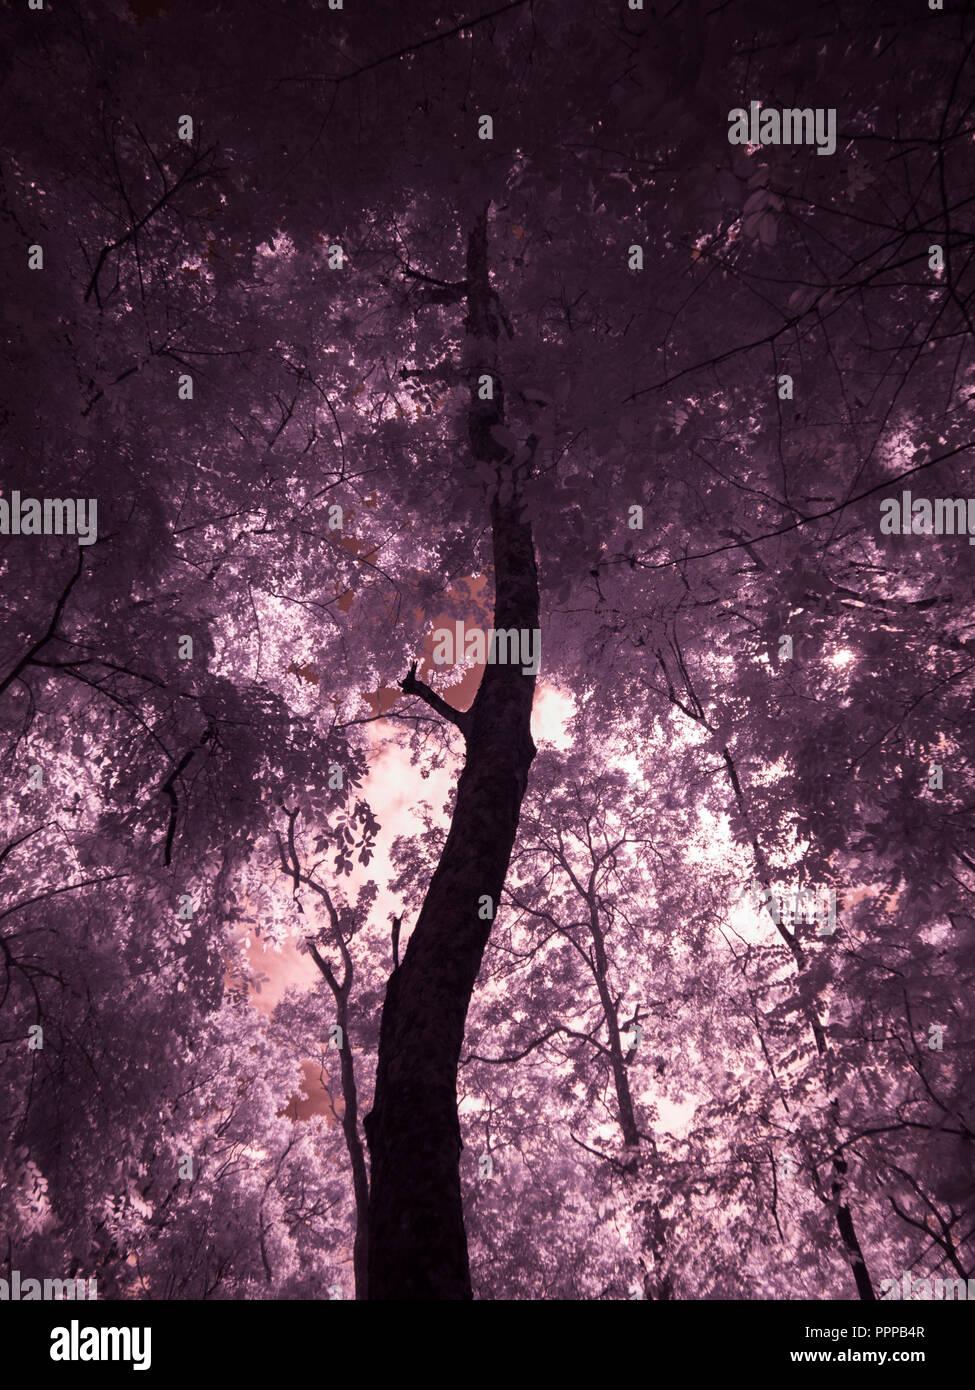 Fotografía artística de infrarrojos : Árbol , hojas , bosque Foto de stock